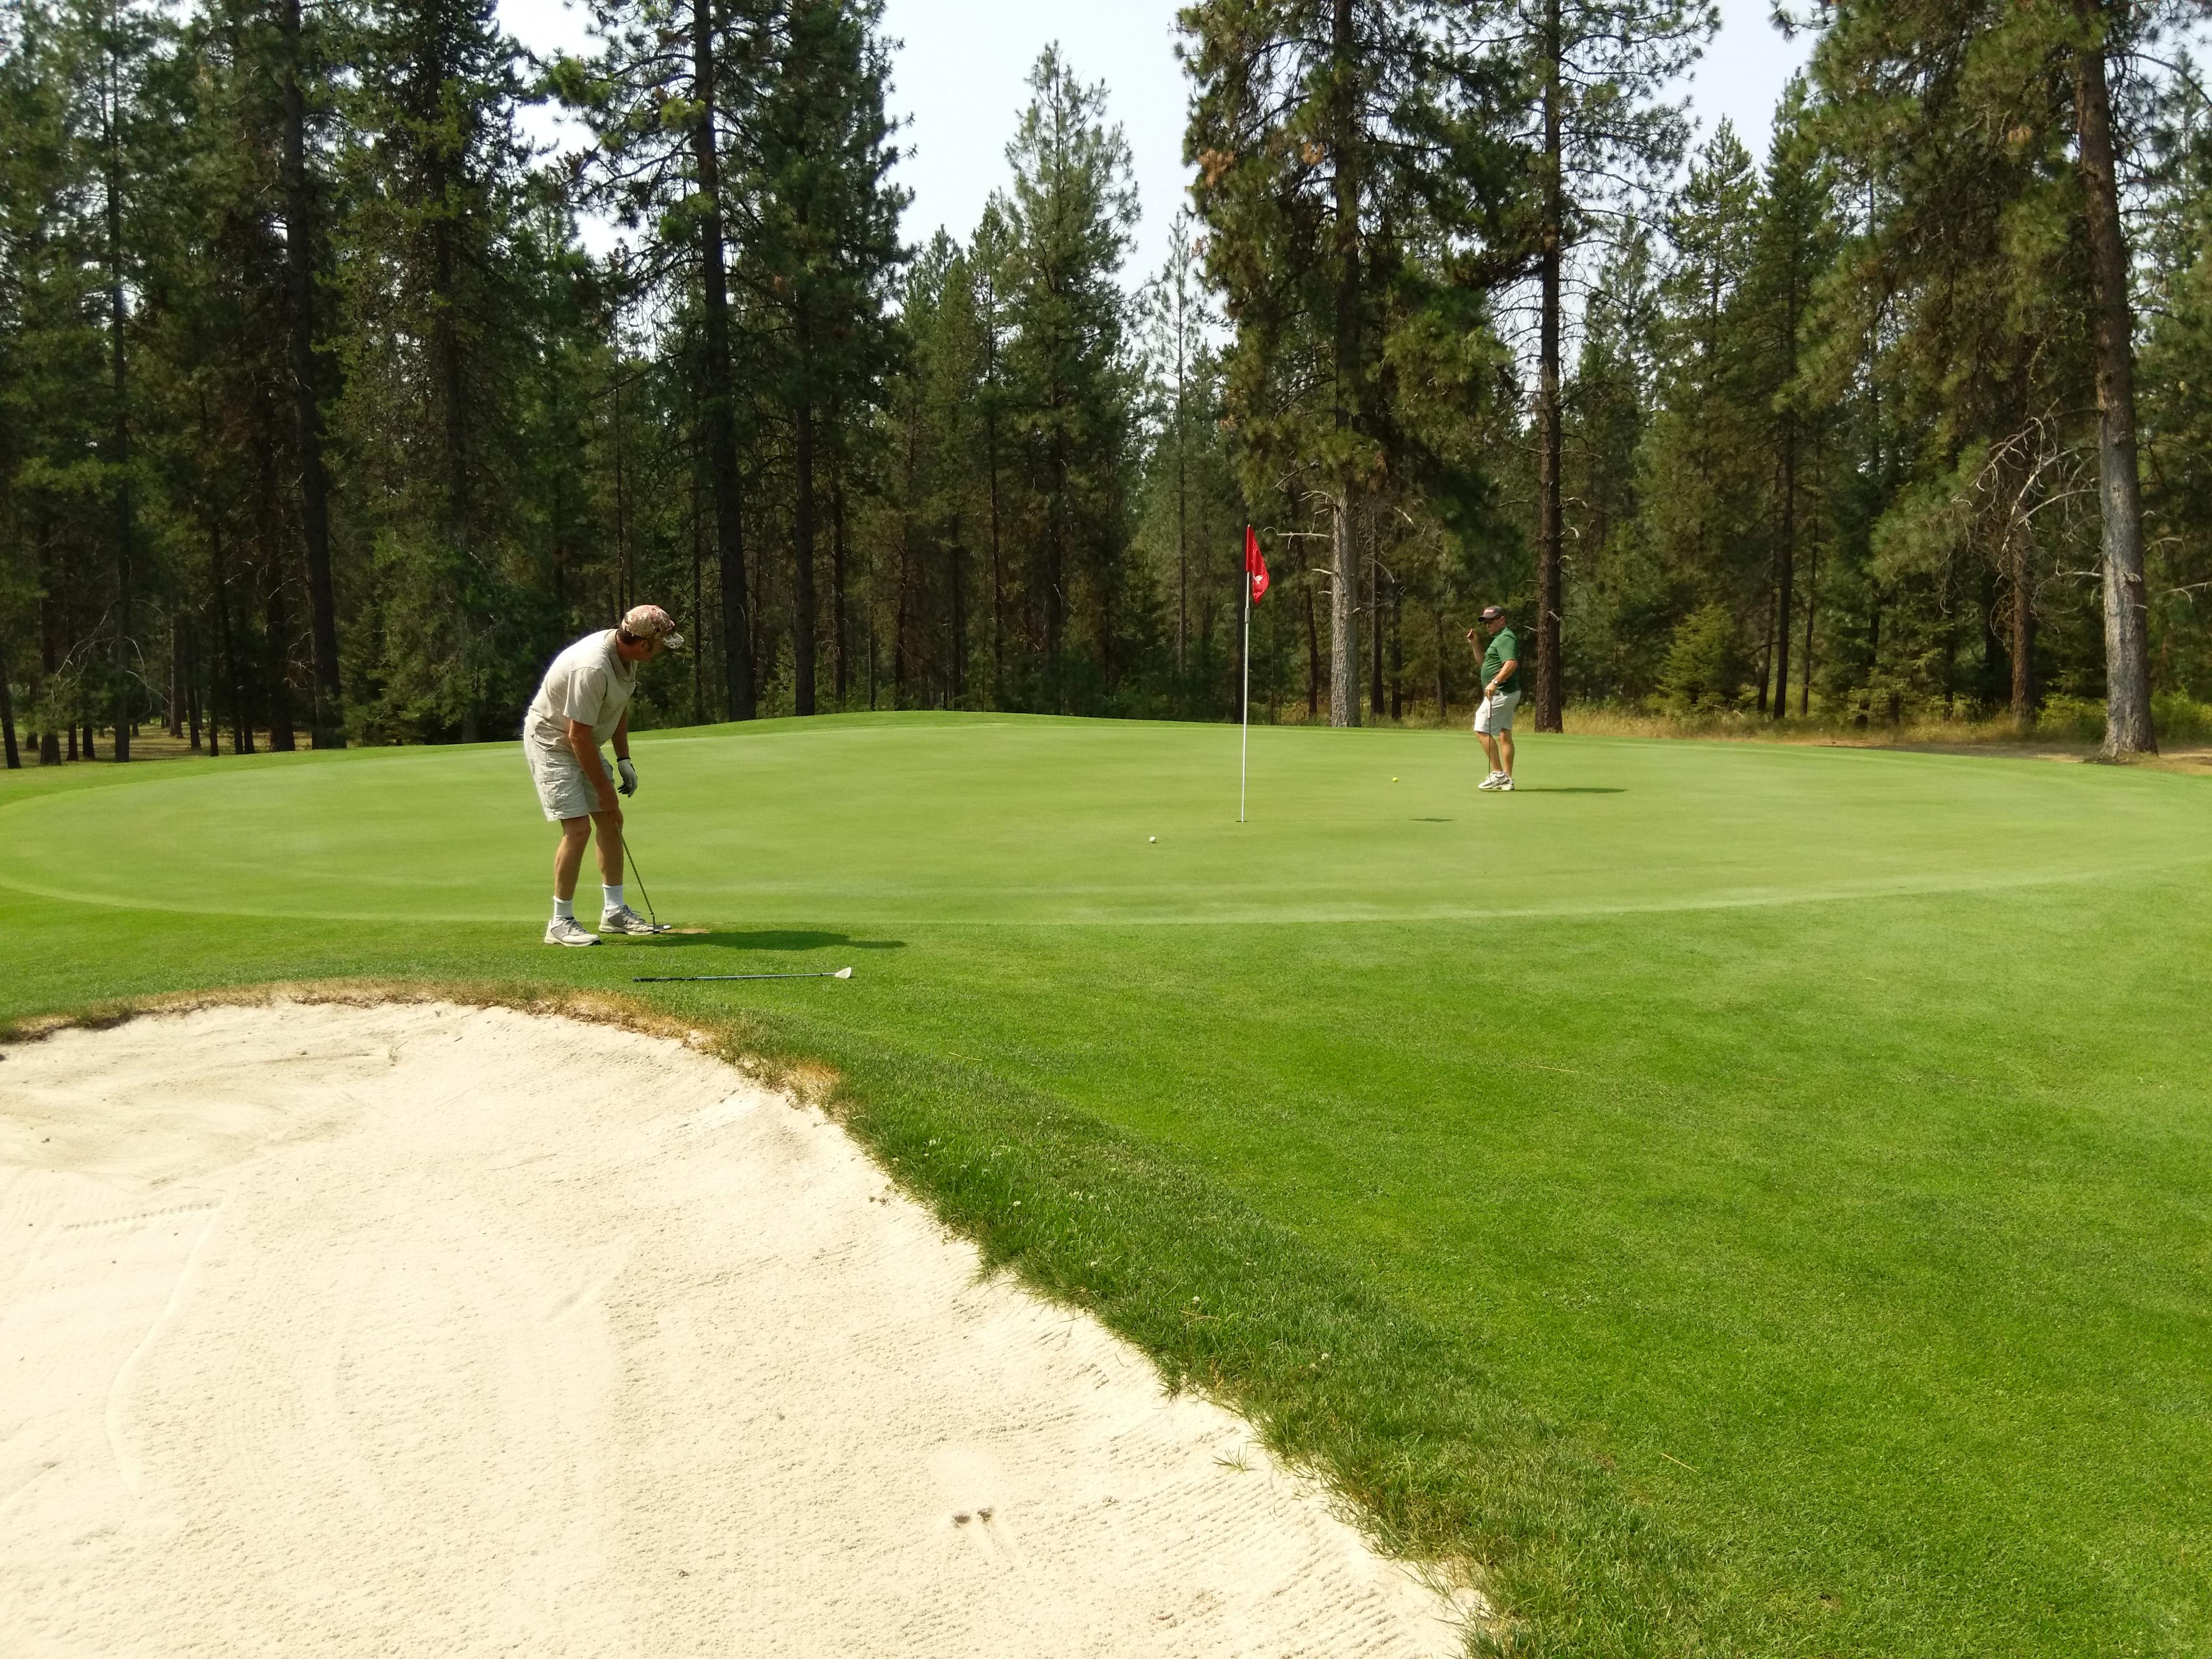 Golf No. 7